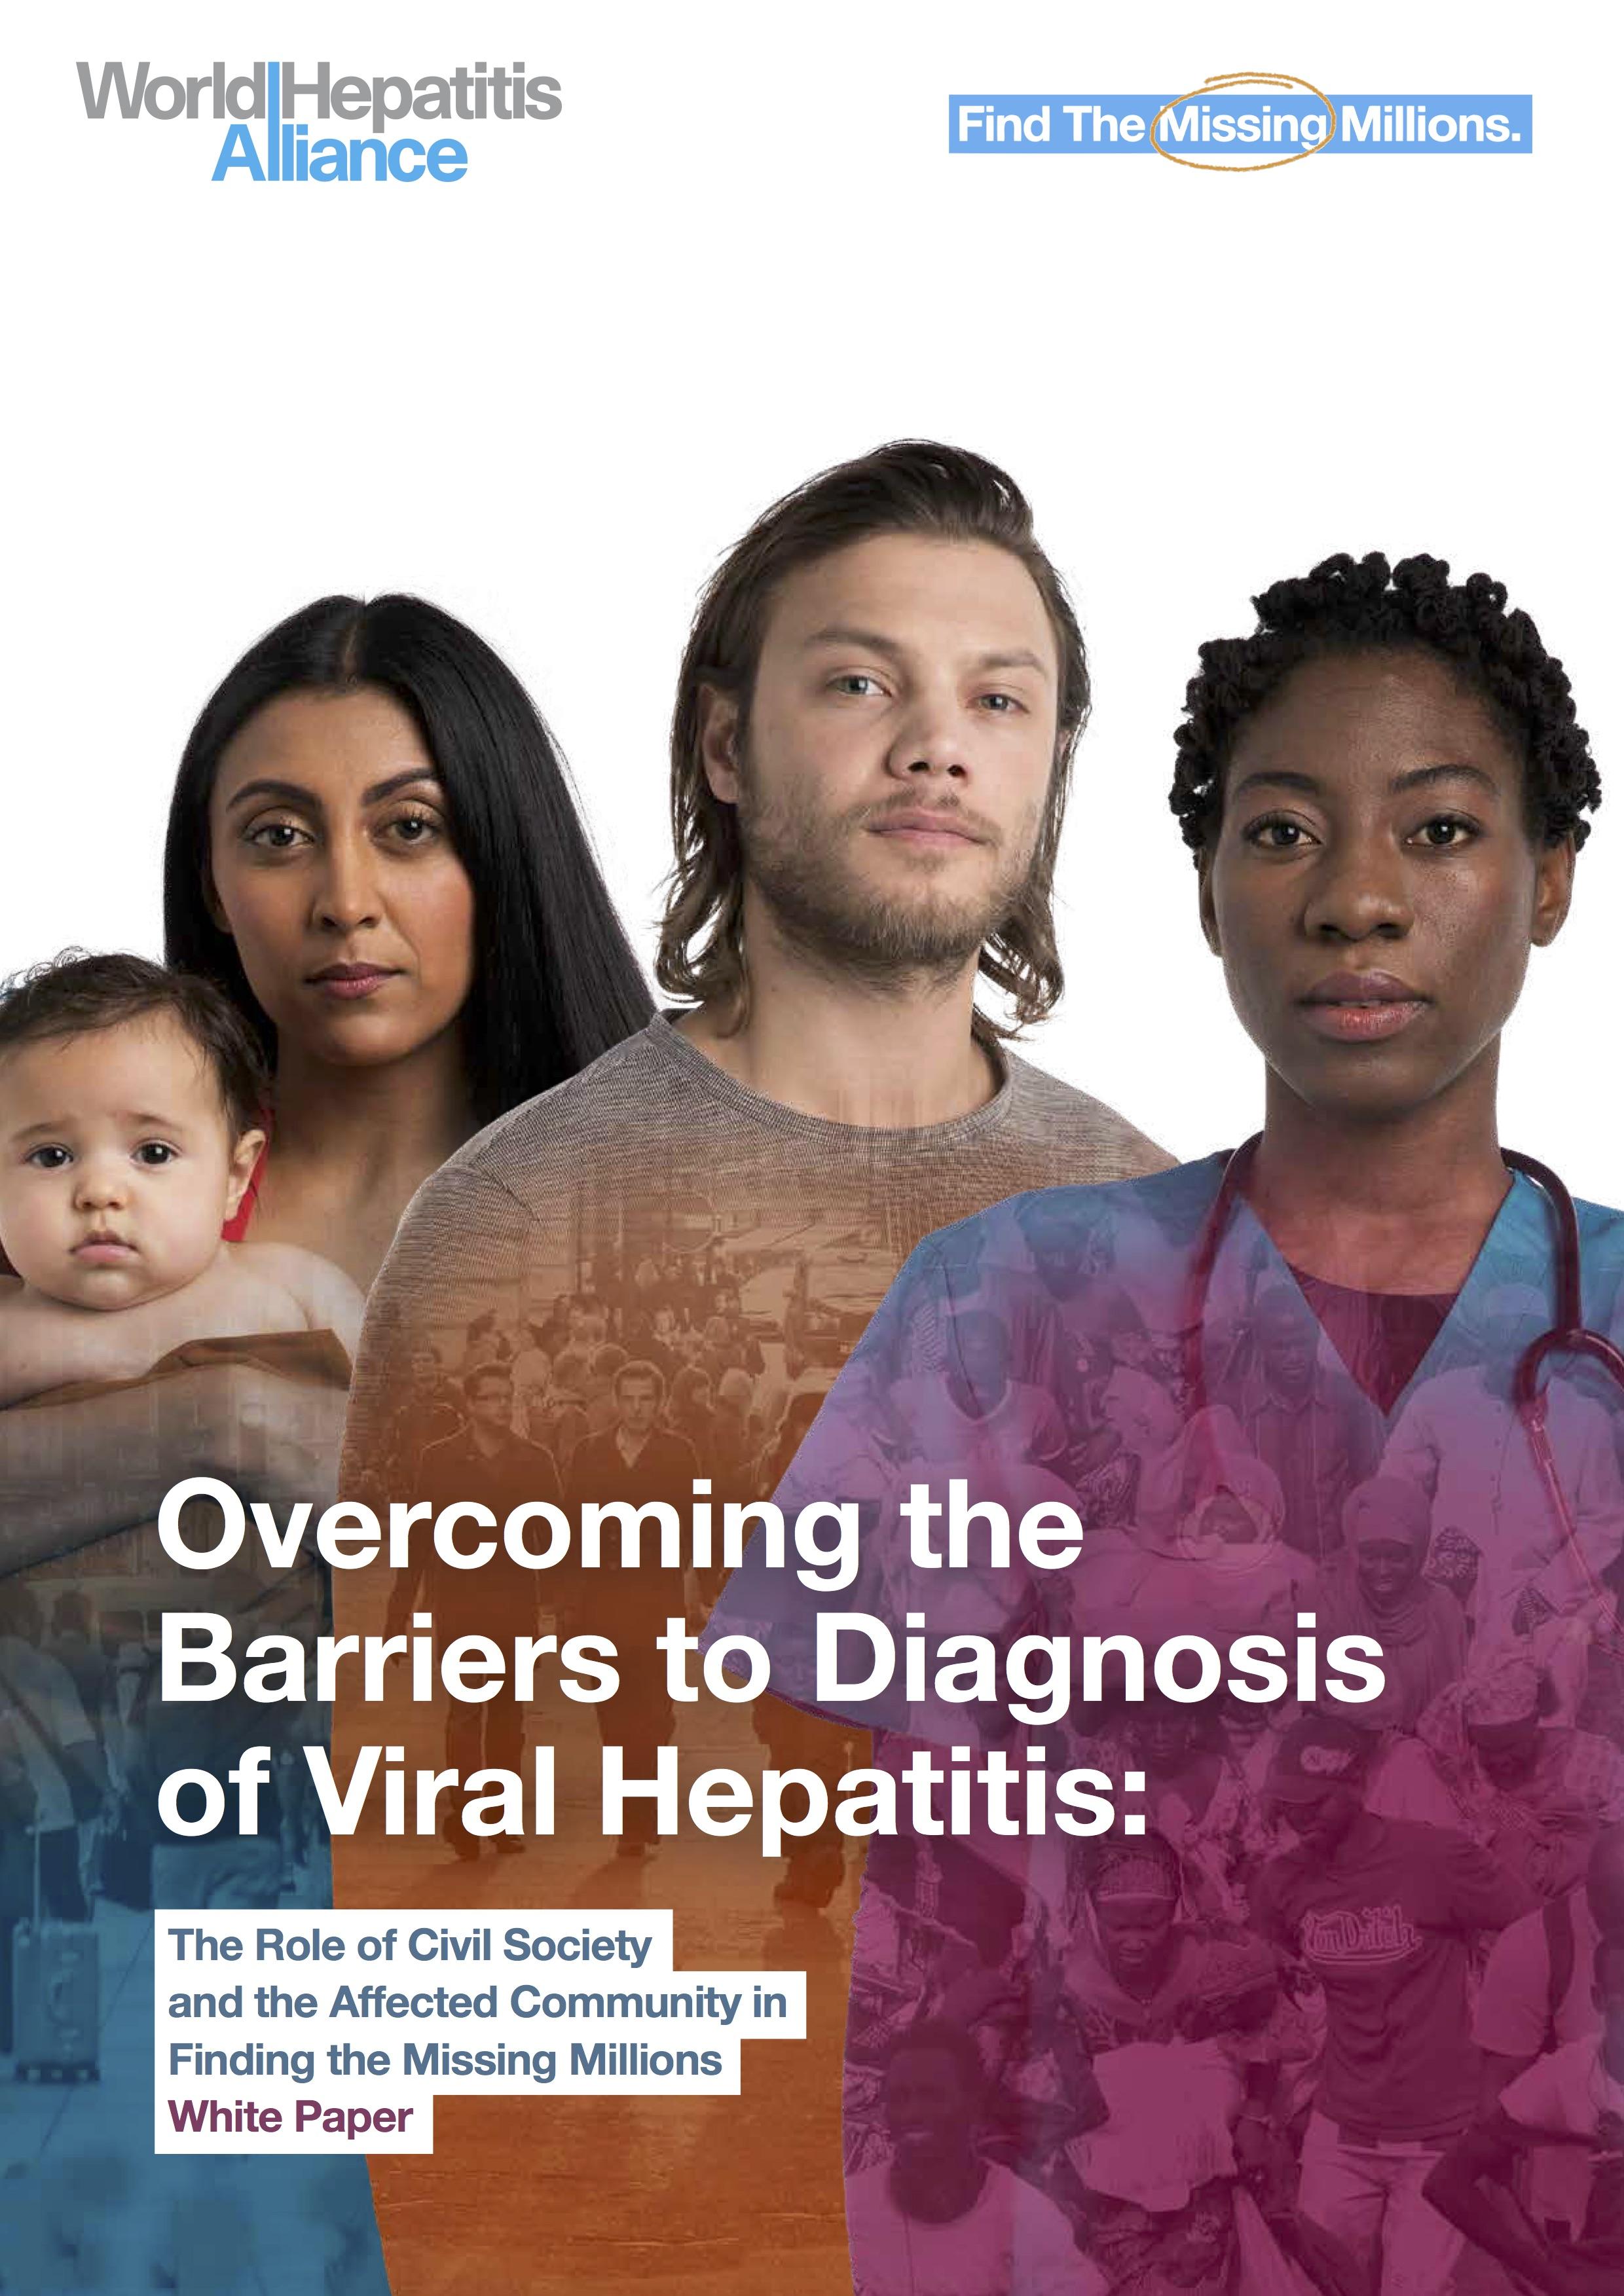 """Libro Blanco: Superar las barreras para el diagnóstico de la hepatitis viral: el papel de la sociedad civil y la comunidad afectada en la búsqueda de los """"millones perdidos"""""""